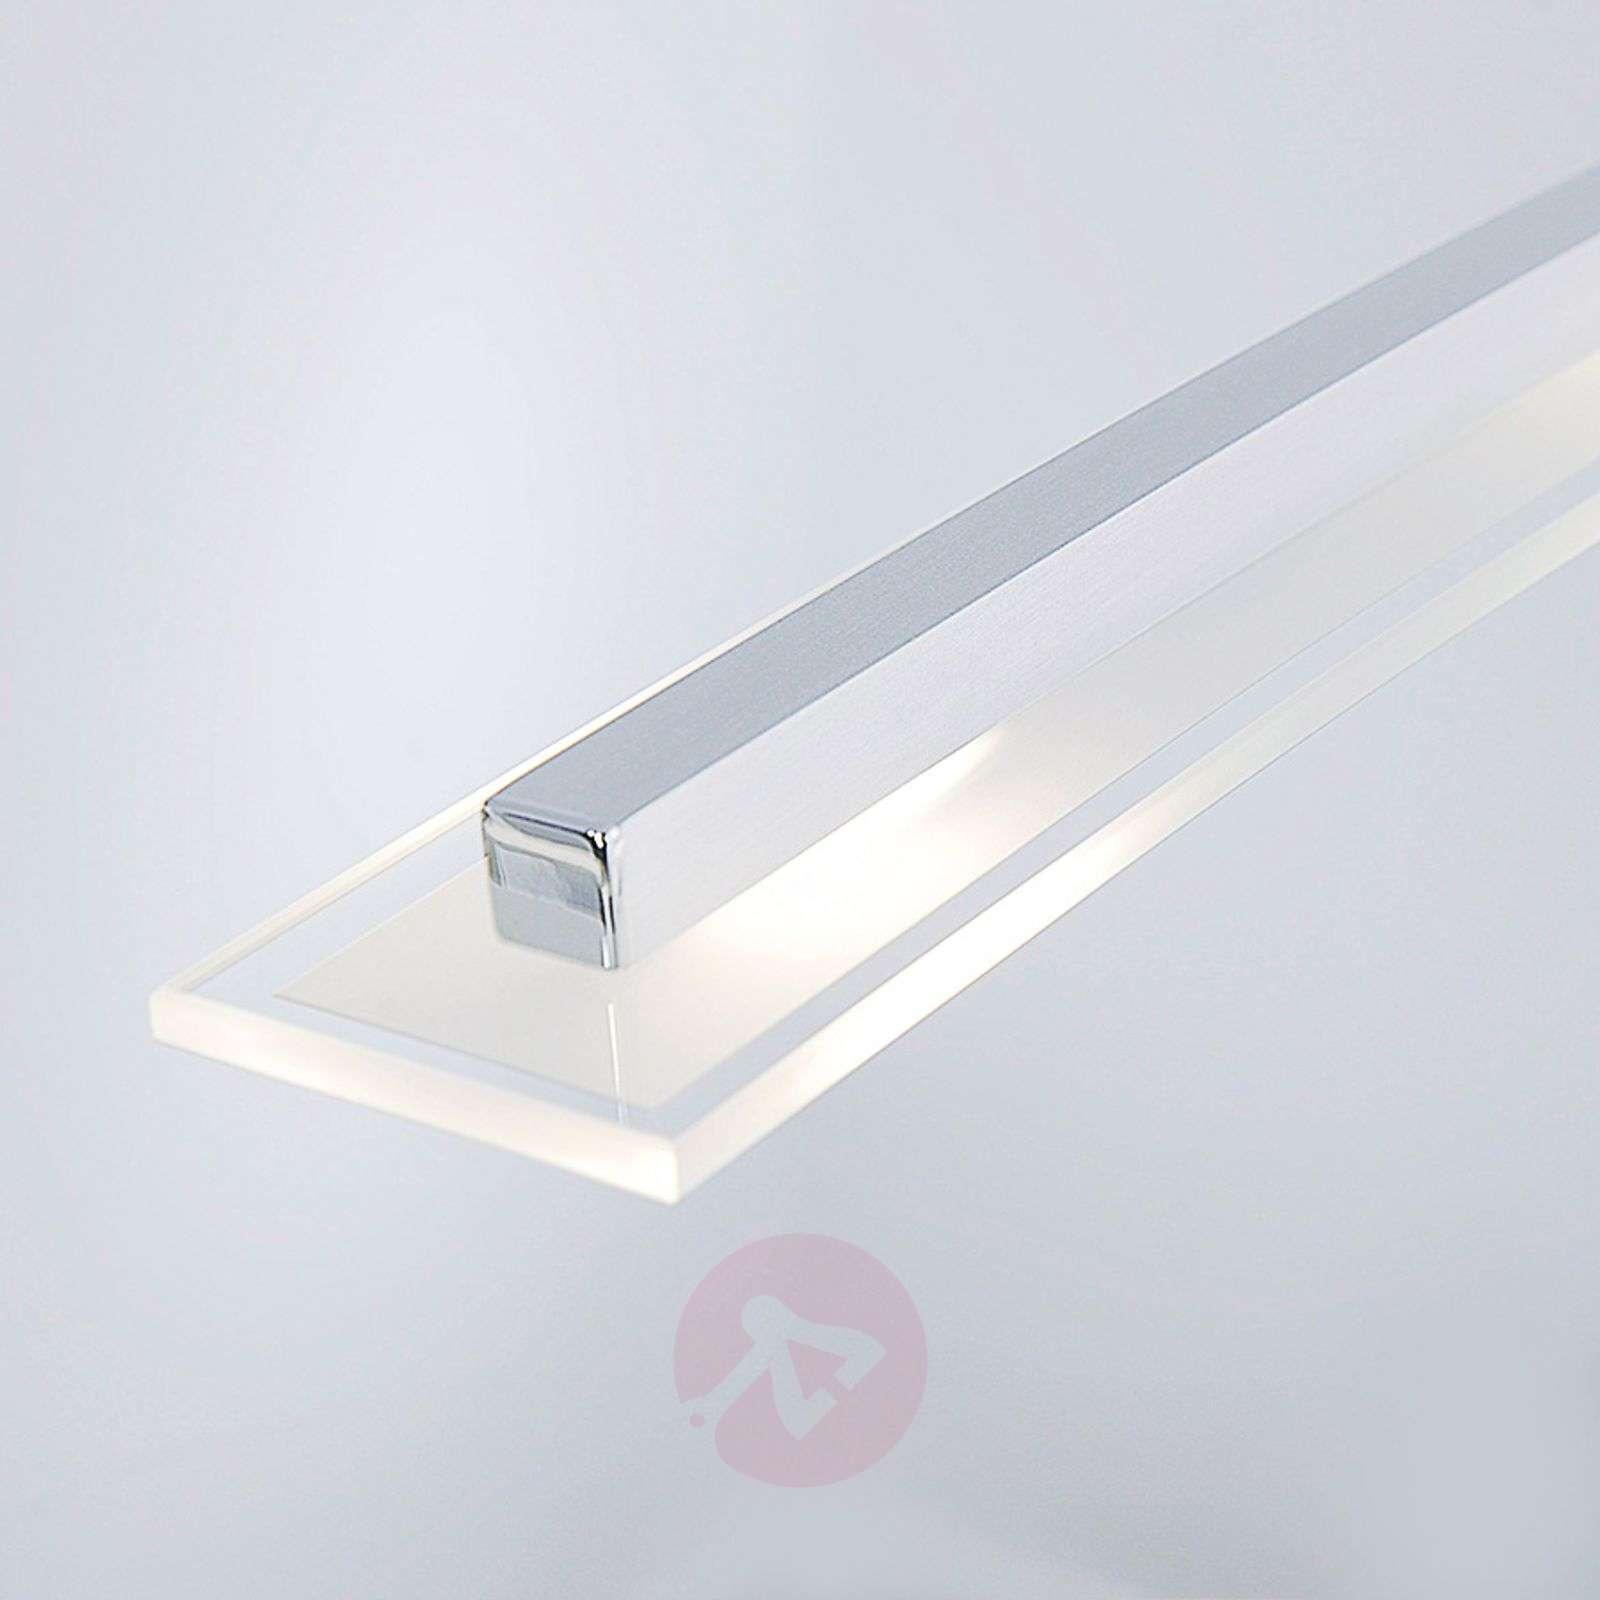 Juna LED-riippuvalaisin, 136 cm, korkeussäädettävä-6722184-01